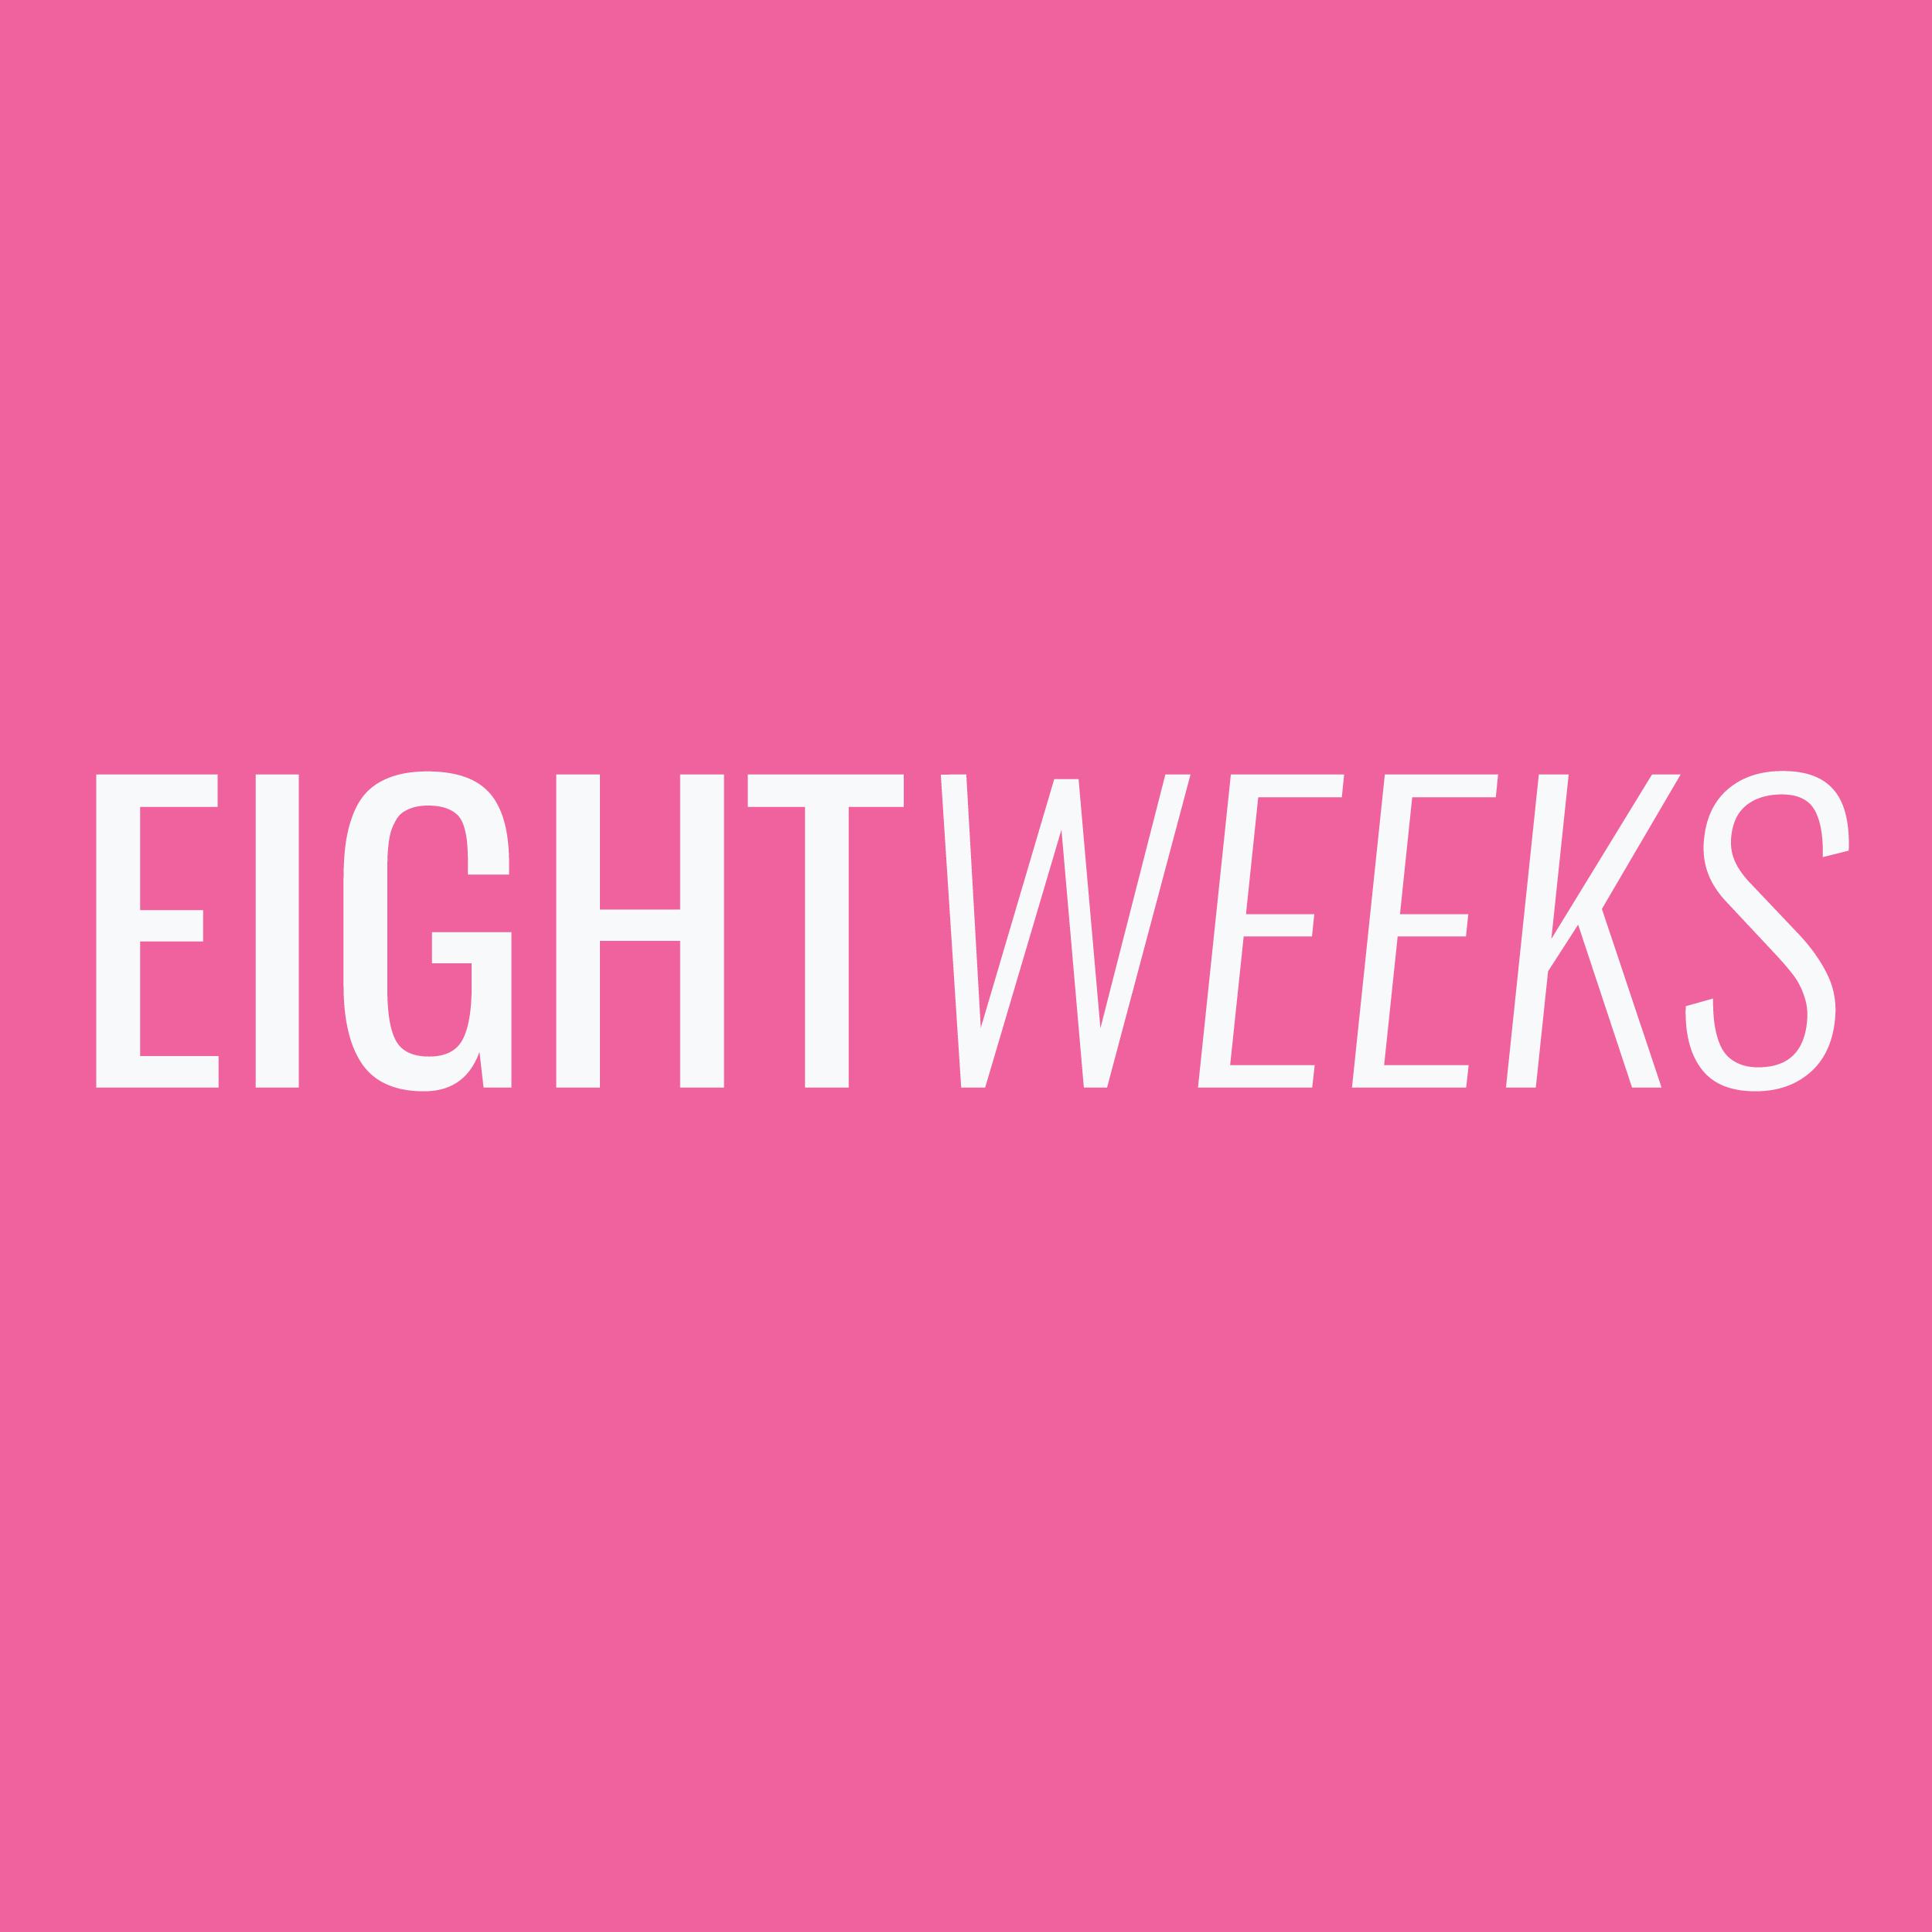 EightWeeks.png